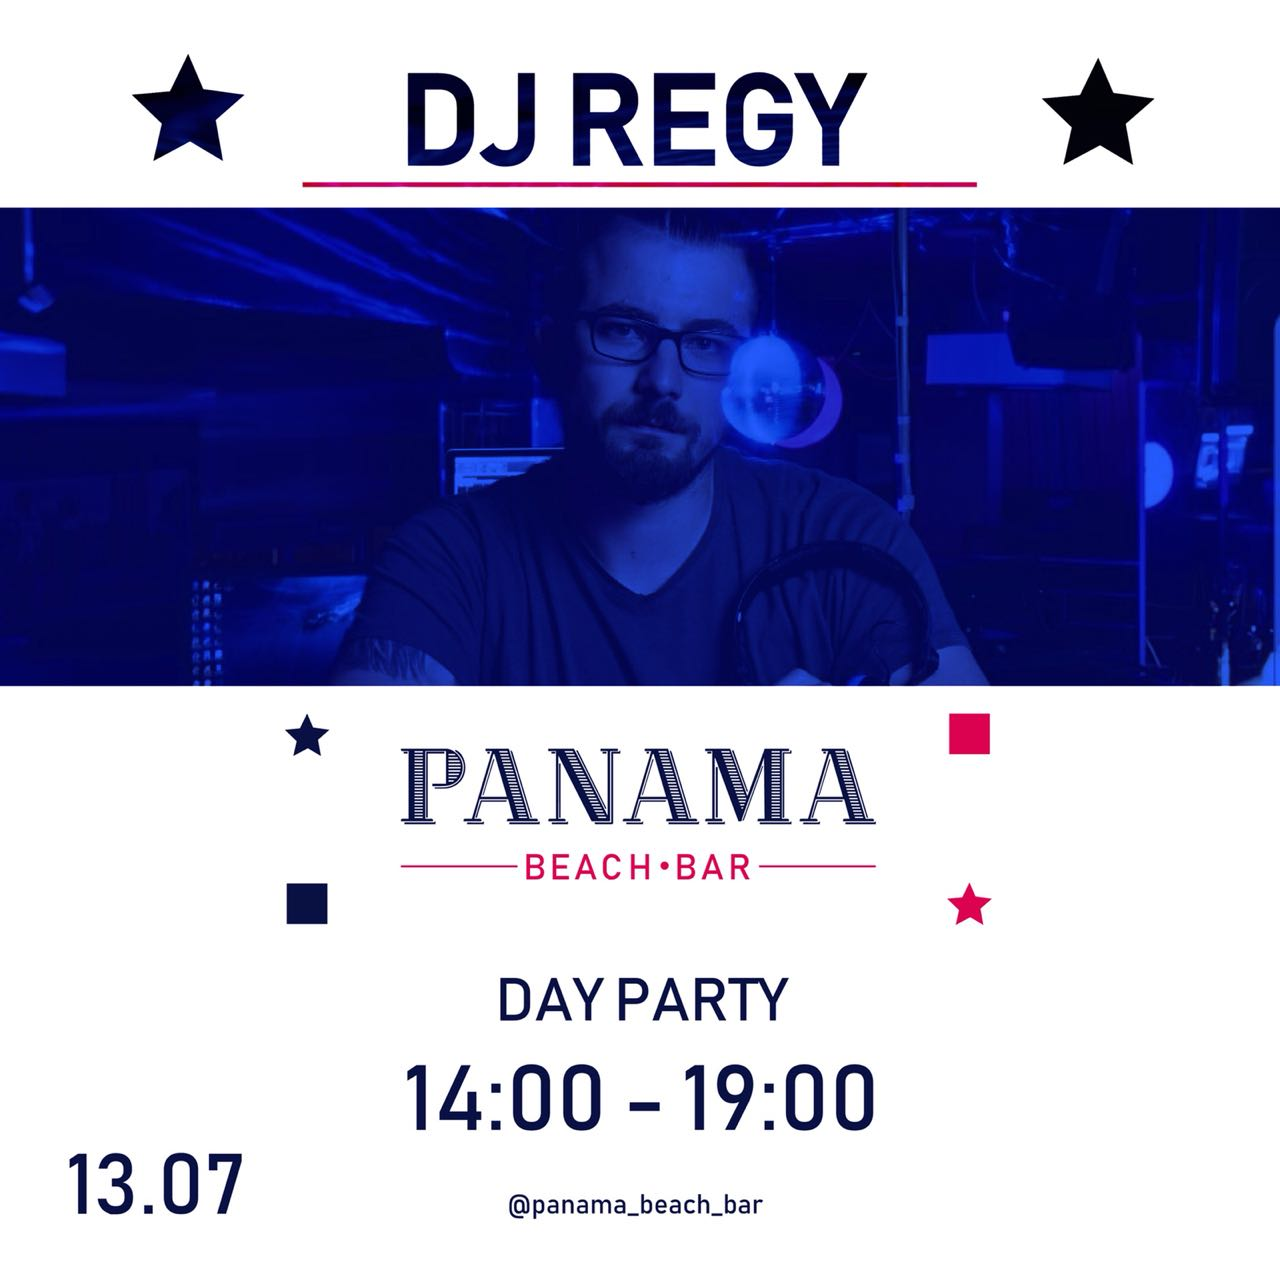 DJ REGY